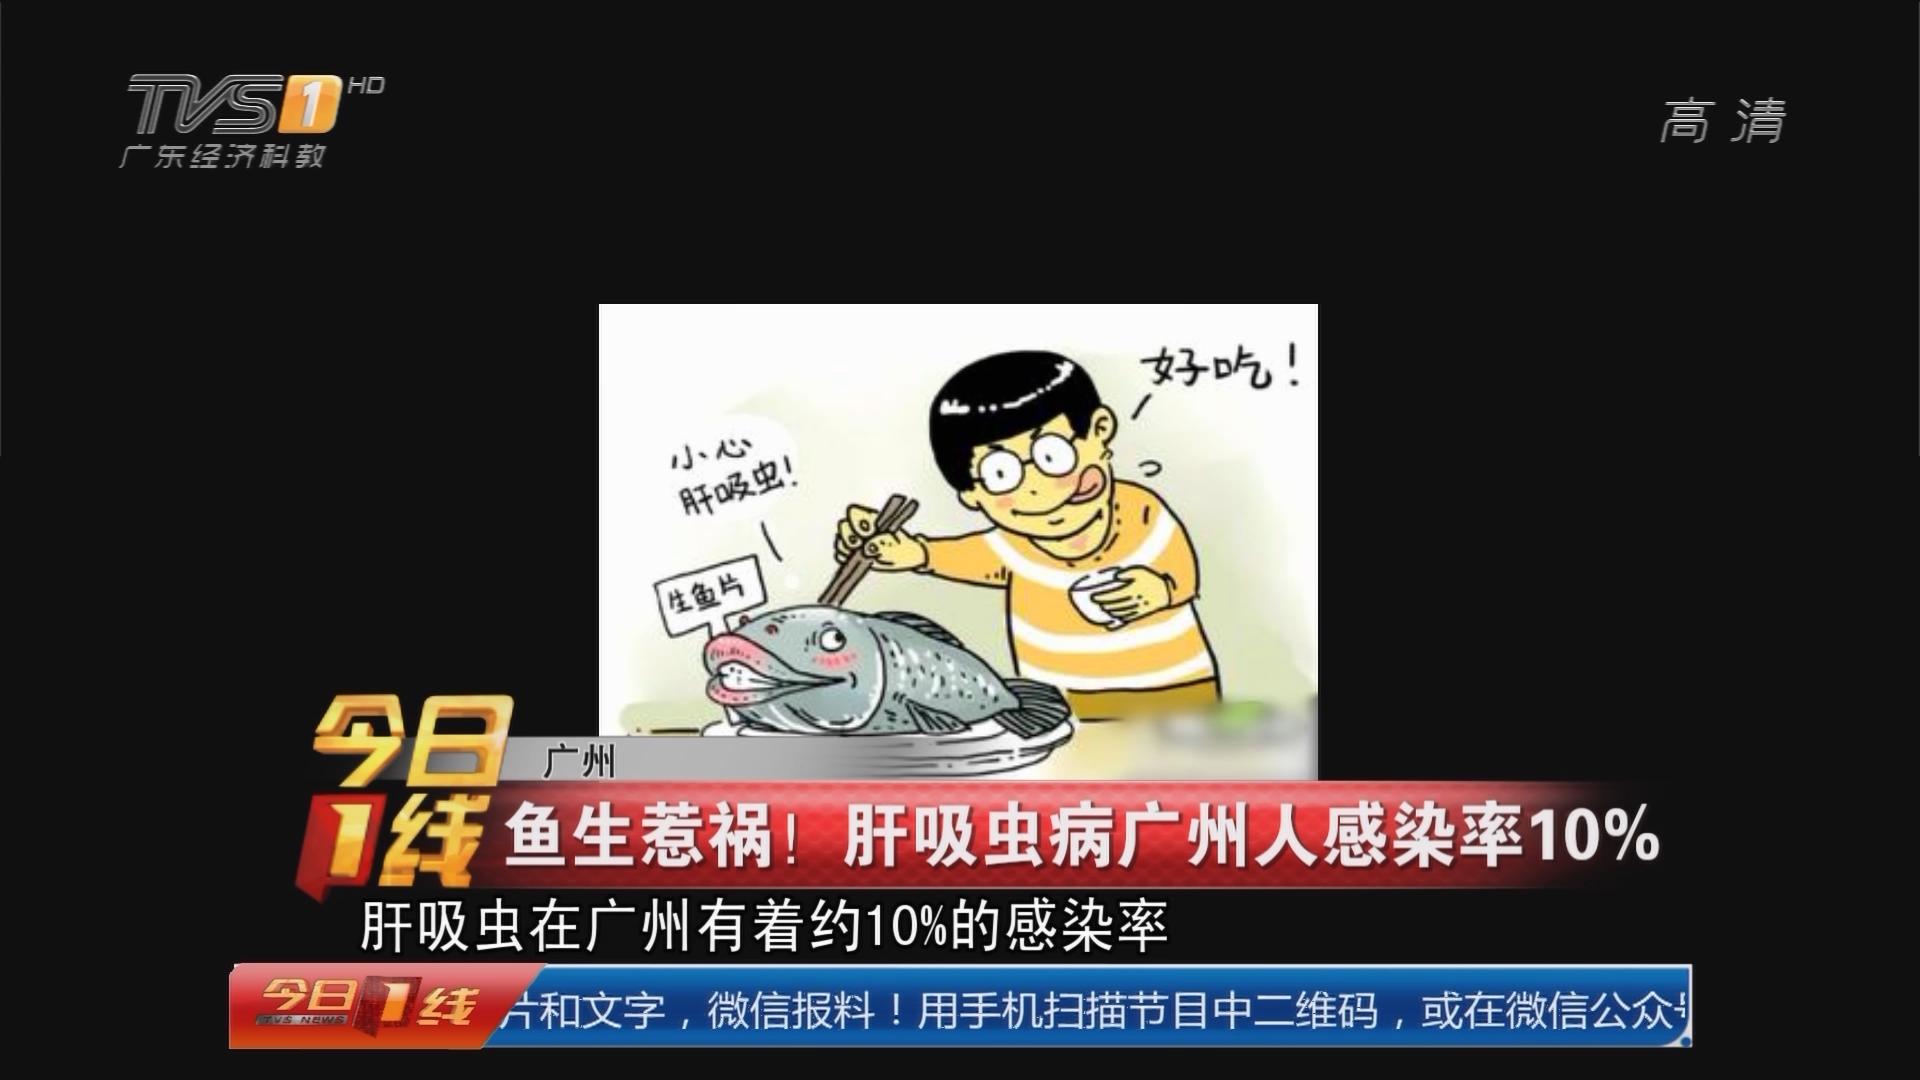 广州:鱼生惹祸!肝吸虫病广州人感染率10%